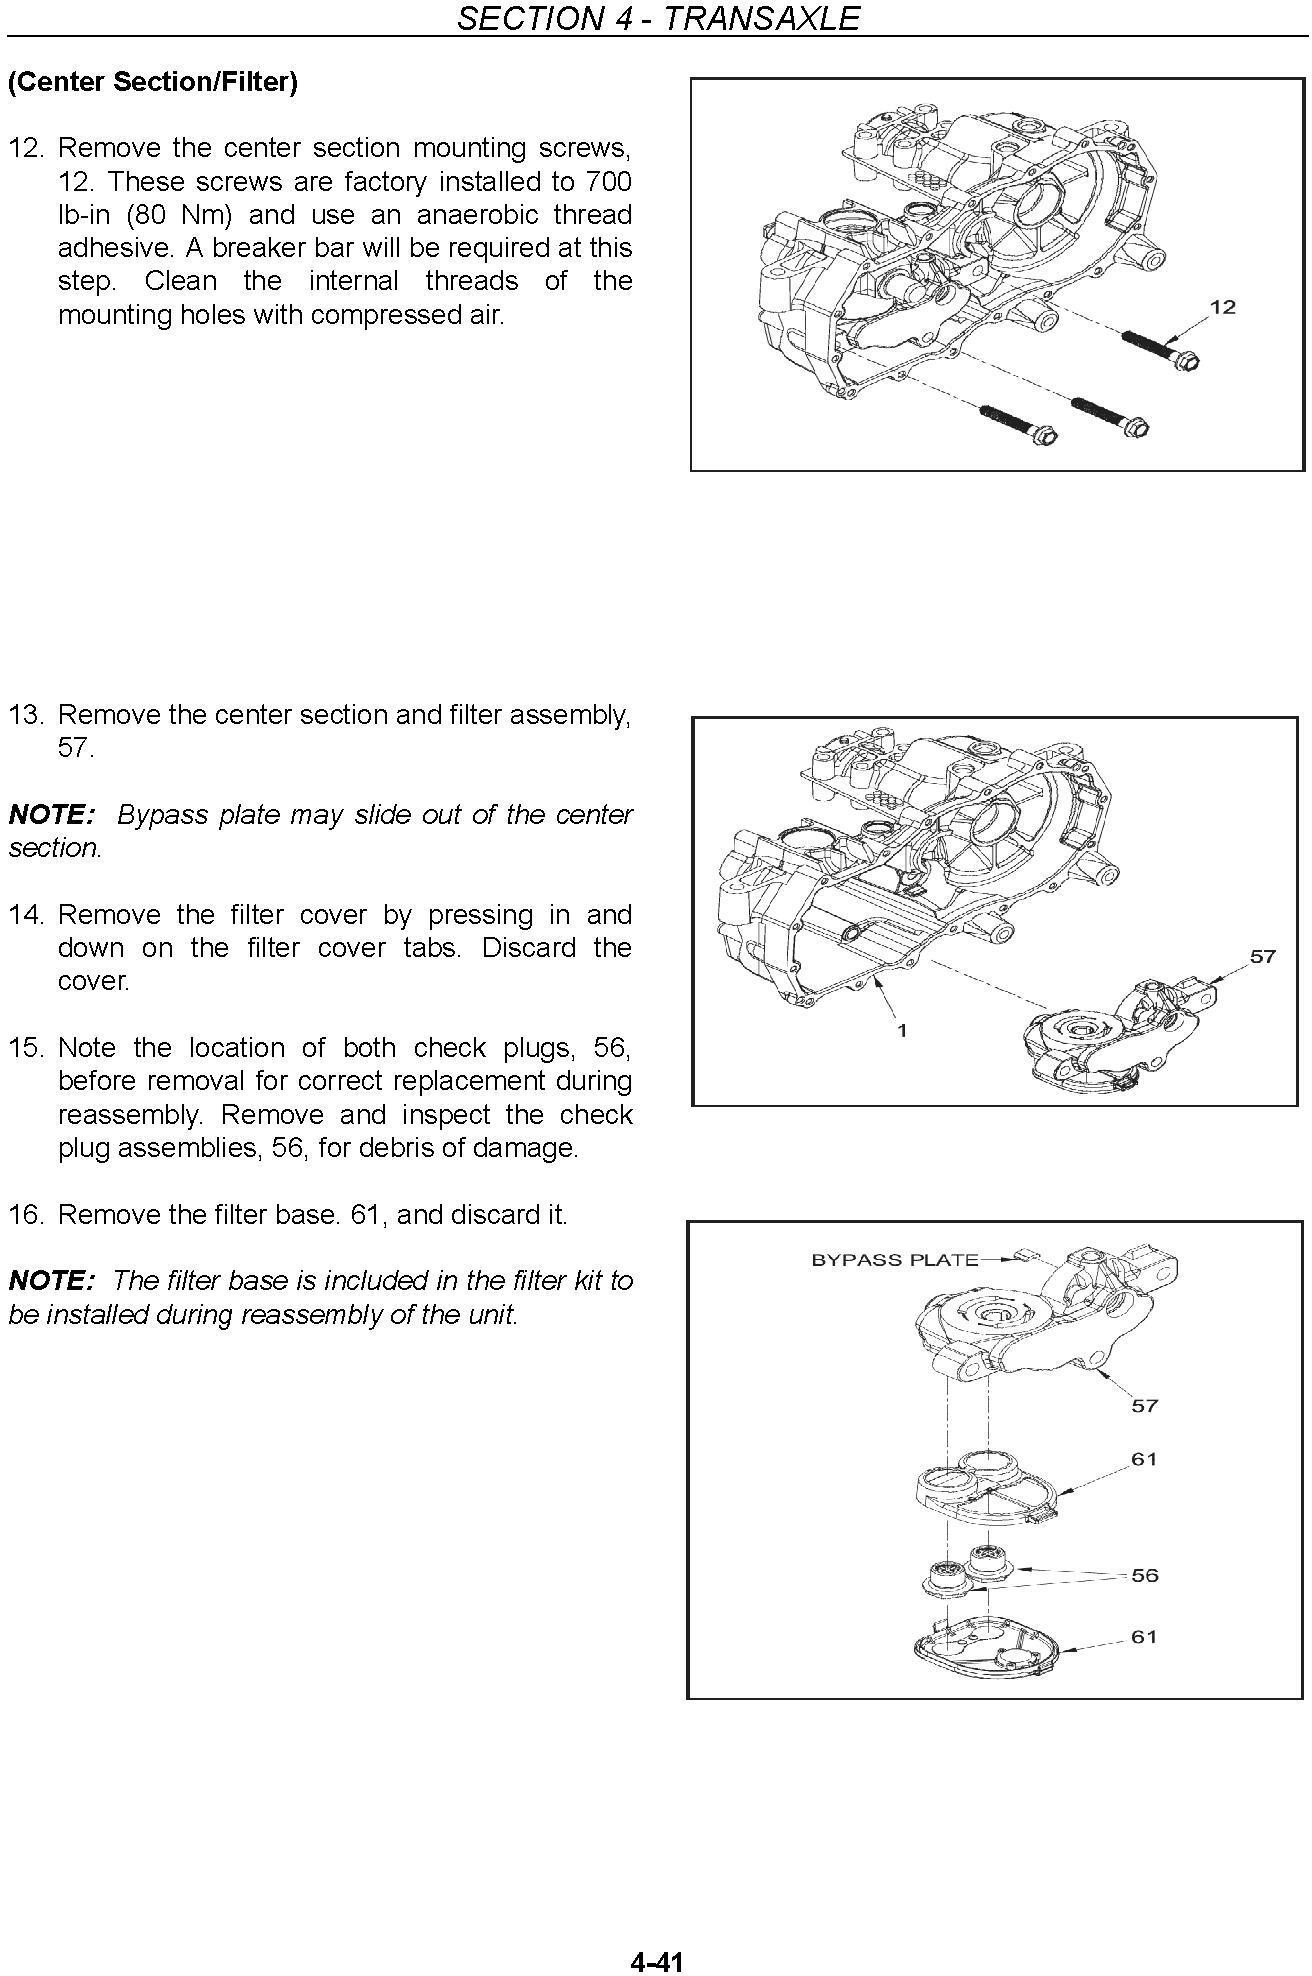 New Holland MZ14H MZ16H MZ18H Zero Turn Radius Mower Service Manual - 3